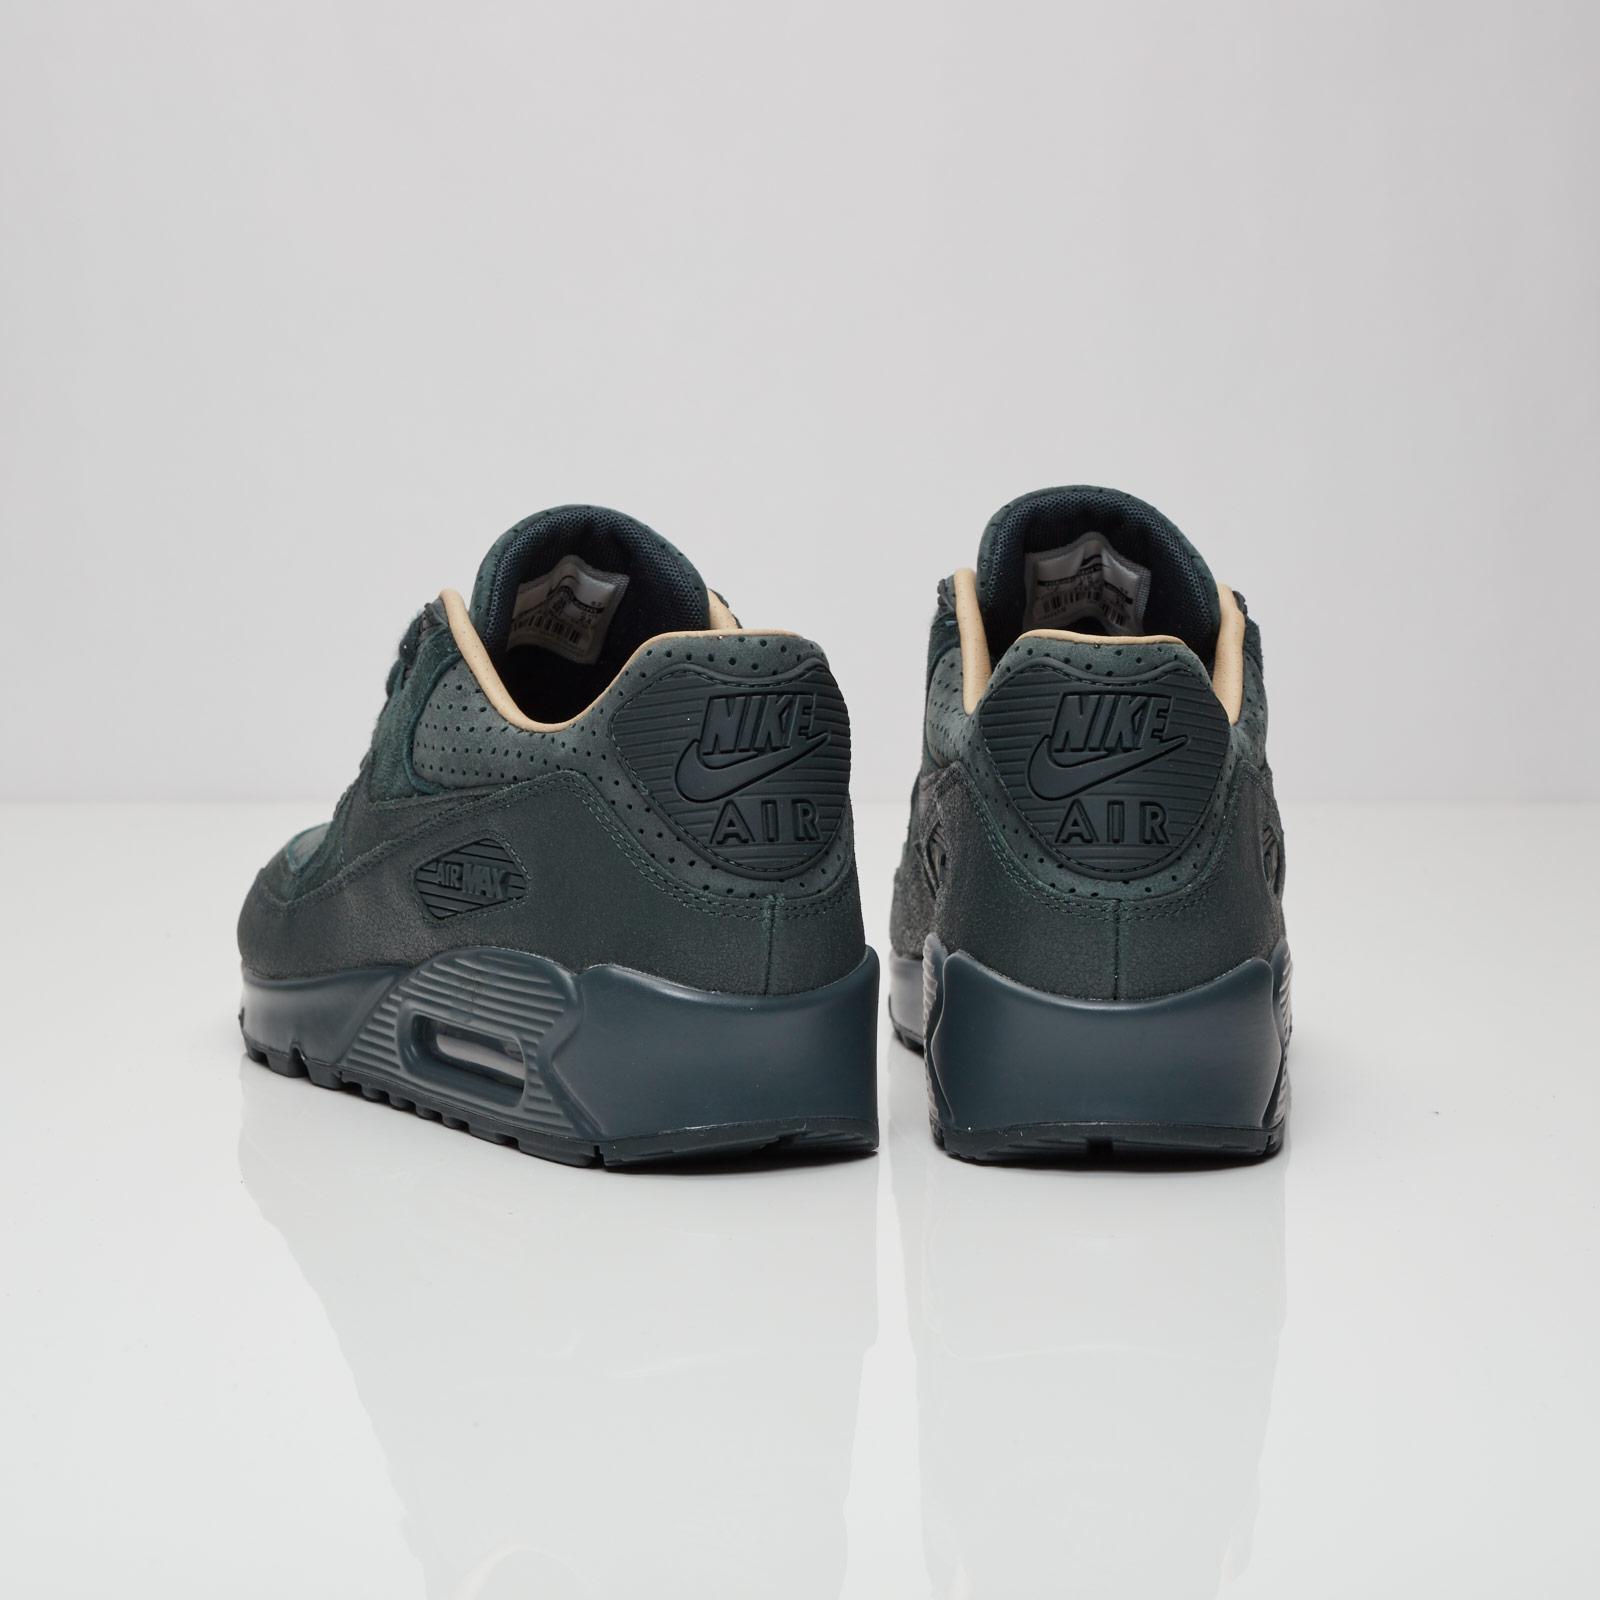 Nike Wmns Air Max 90 Pinnacle - 839612-301 - Sneakersnstuff ... 97cdd6fa63e